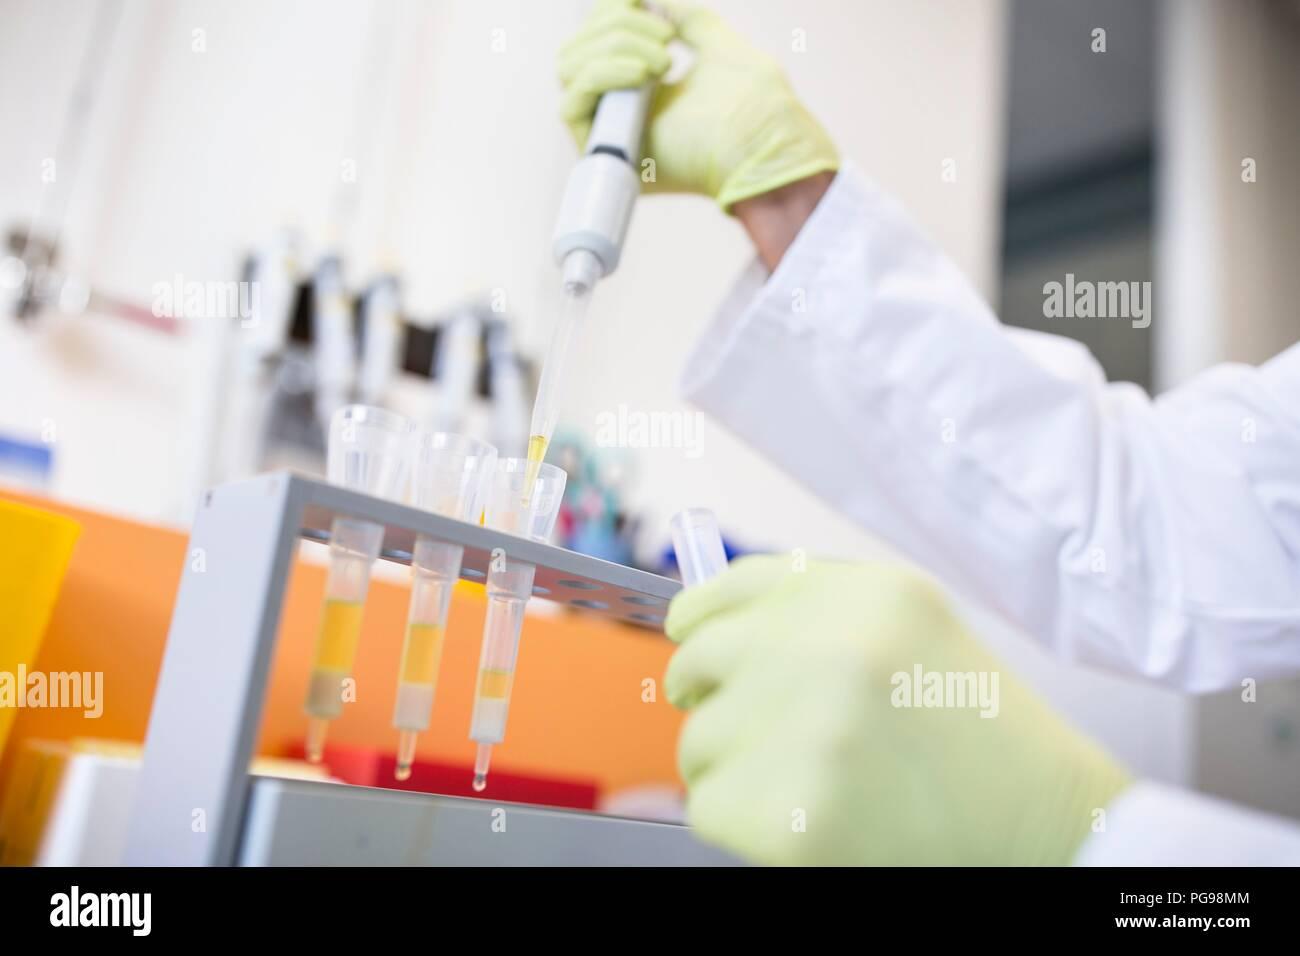 Techniker pipettieren Proben in Kartuschen für die Festphasenextraktion (SPE). SPE wird verwendet, biologischen Verbindungen, die aus einer Mischung für die weitere Analyse zu trennen. Stockbild